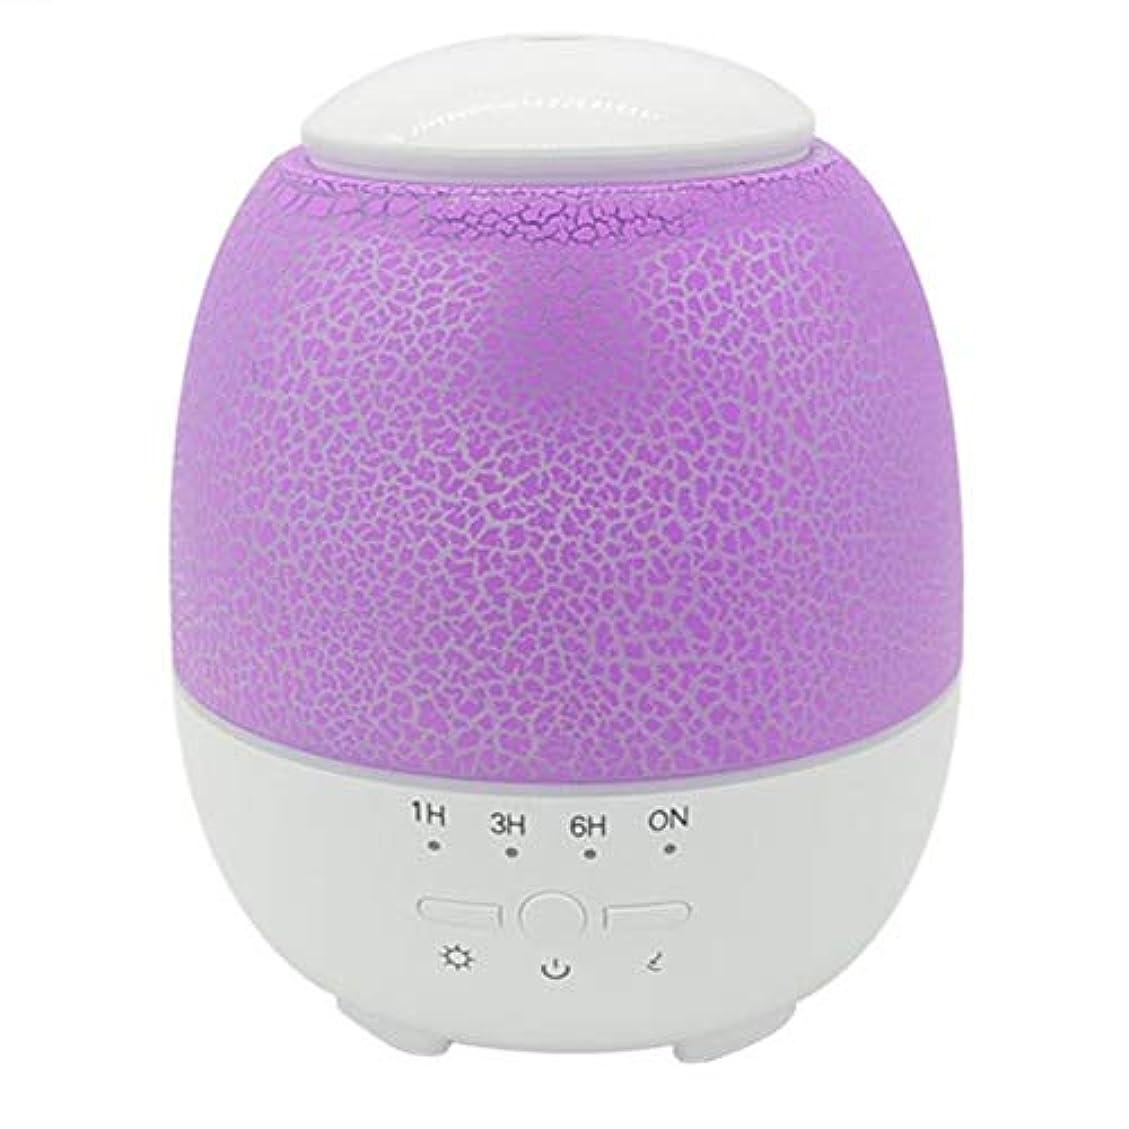 公式理容師盗難超音波式 亀裂 大容量 加湿器,涼しい霧 時間 7 色 加湿機 香り 精油 ディフューザー Yoga ベッド 幼児 オフィス-紫の